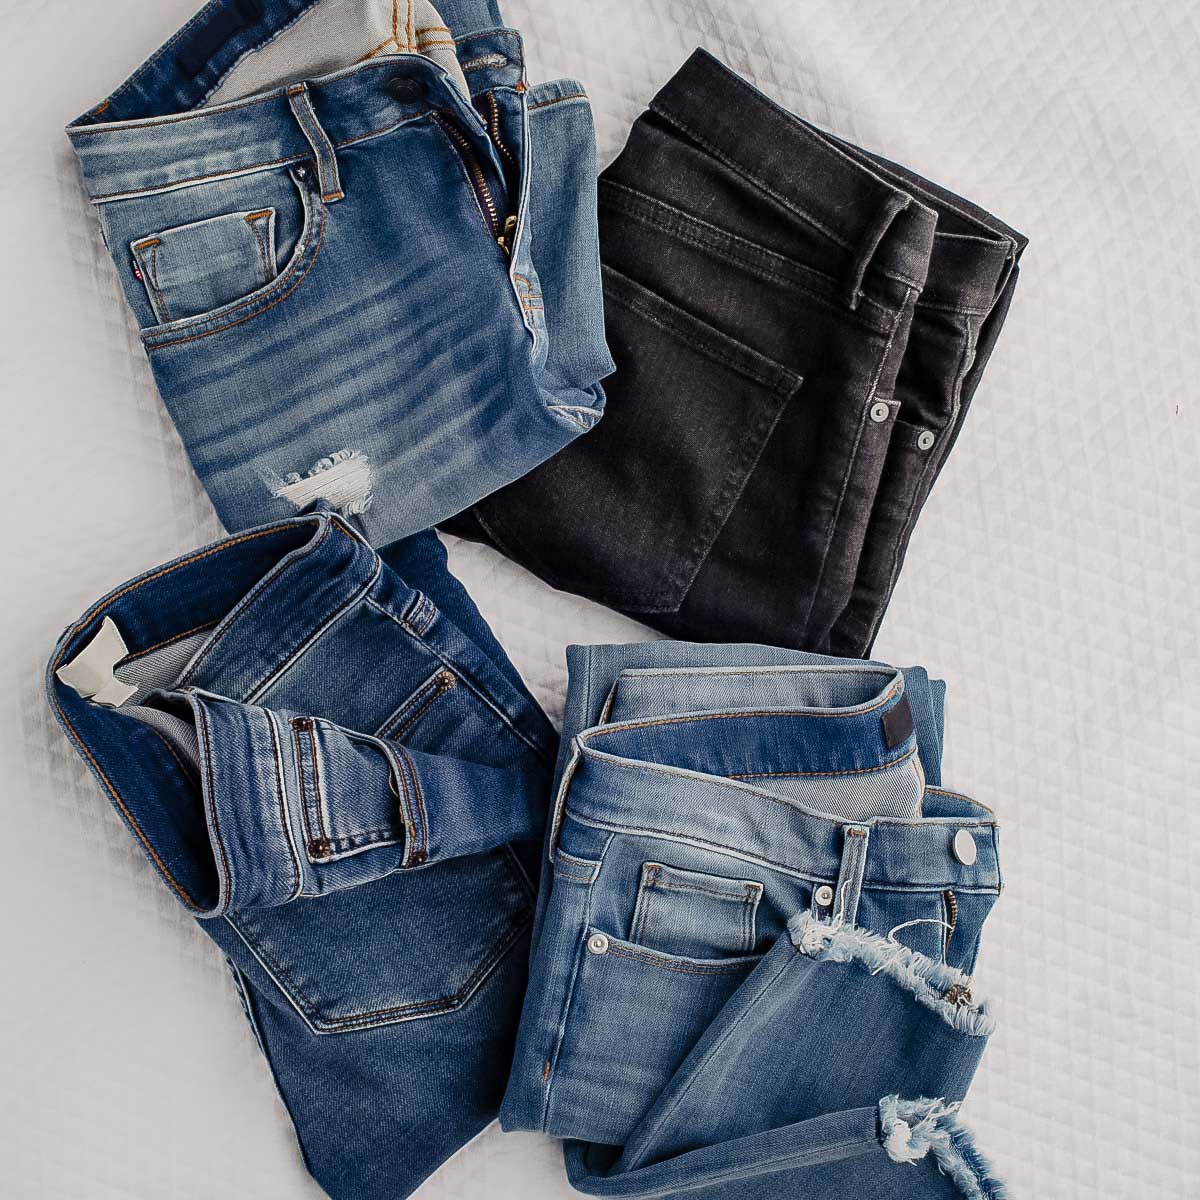 Am Modeblog stelle ich dir heute 9 tolle Secondhand Onlineshops vor. Ideal, wenn du Kleidung, Schuhe und Accessoires kaufen oder verkaufen möchtest. www.whoismocca.com